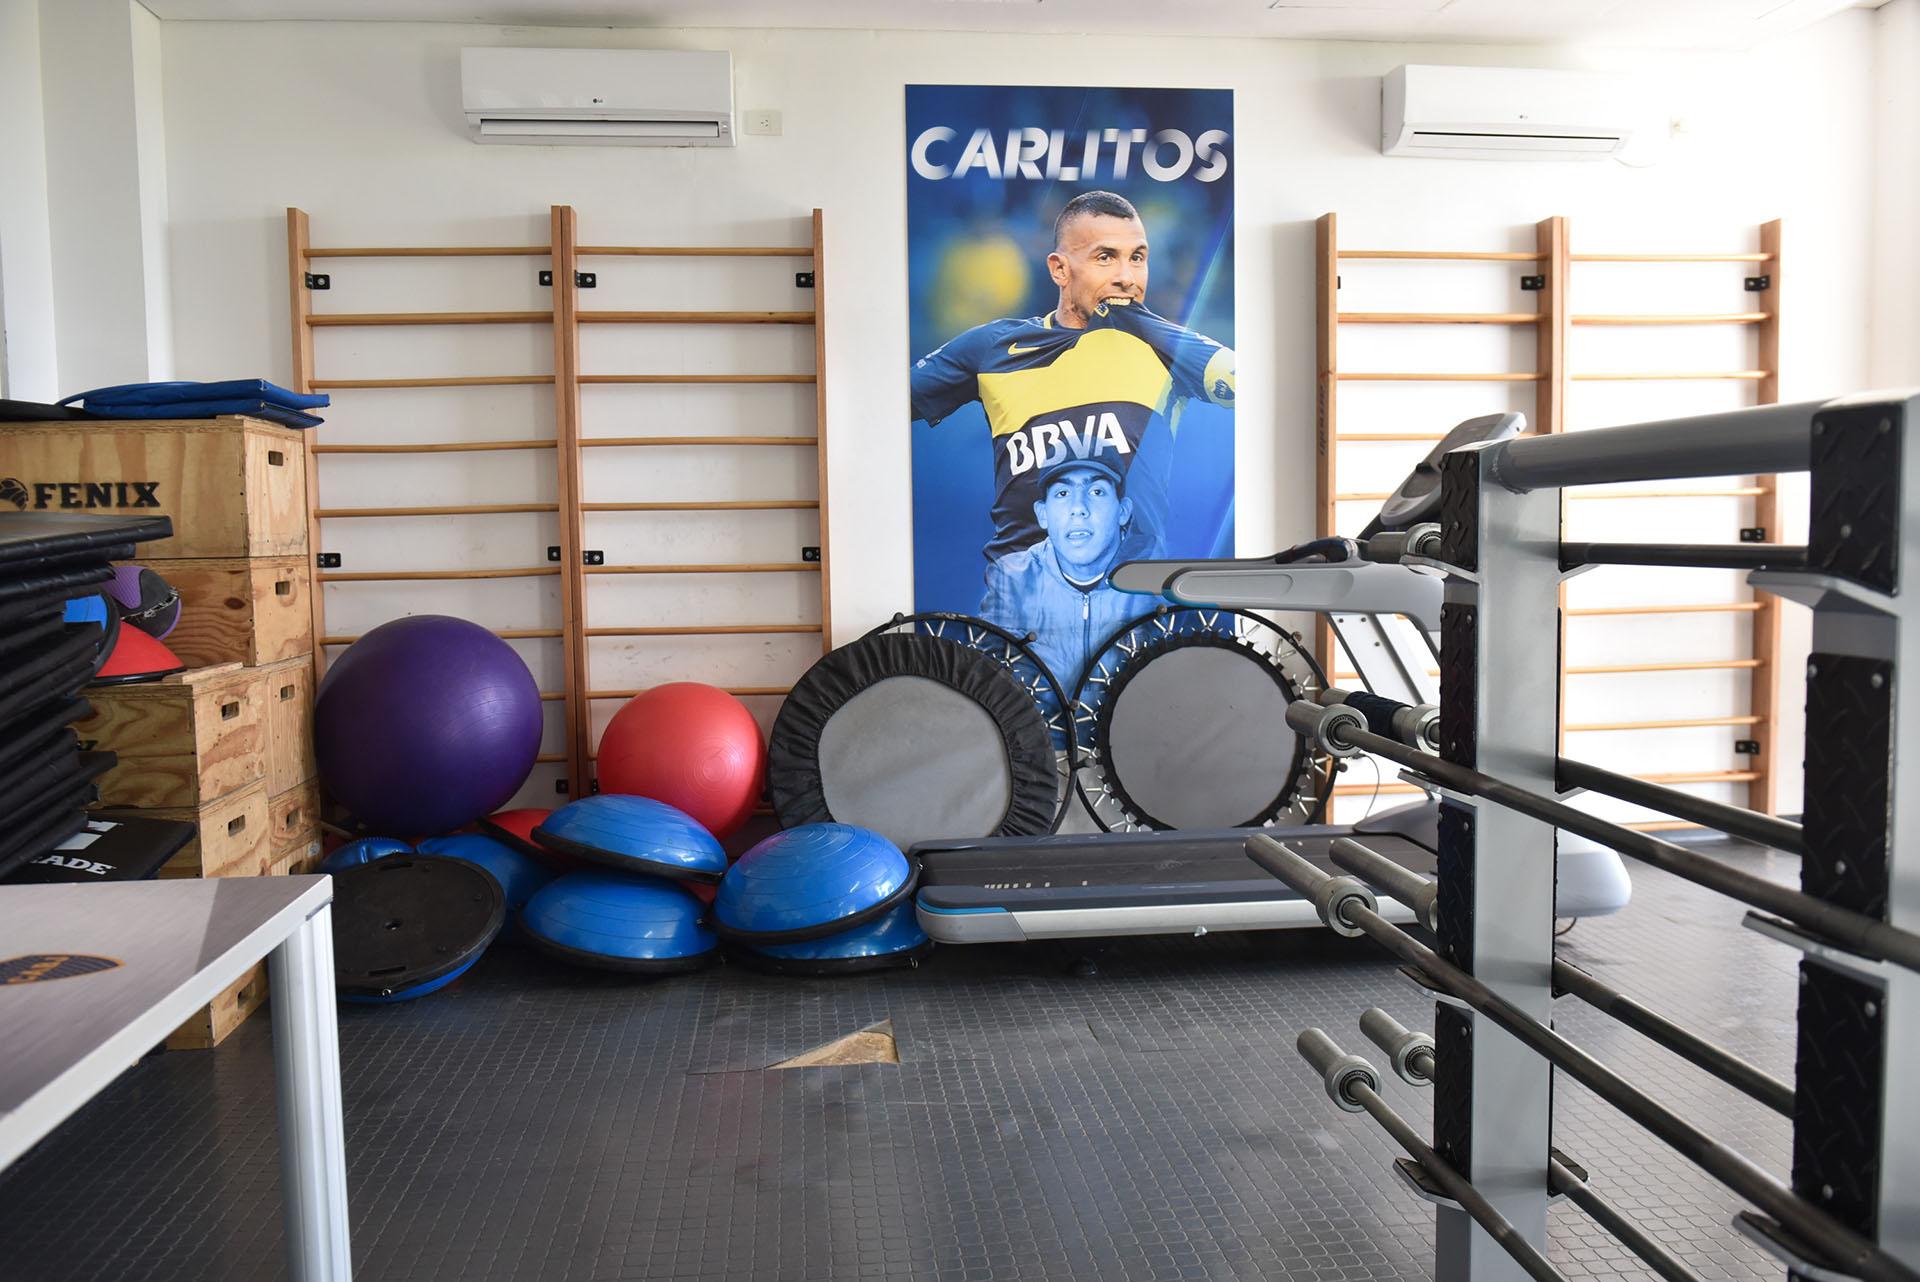 Las paredes del gimnasio cuentan con afiches que exhiben a los productos más destacados de Boca y sus inferiores: Carlos Tevez es uno de los más emblemáticos (Guille Llamos)